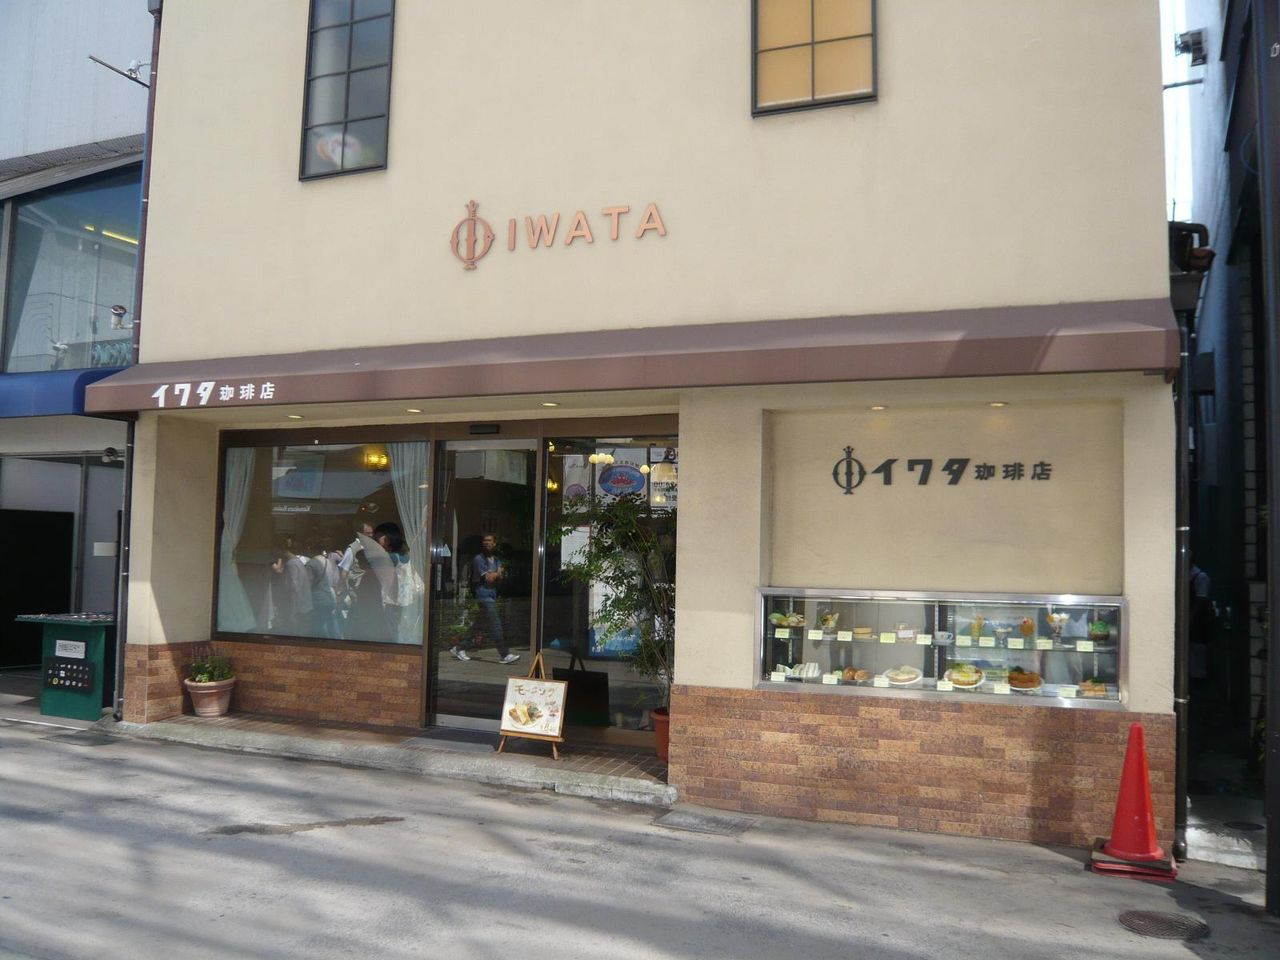 鎌倉名物の超高層ホットケーキを食べられるイワタコーヒー店